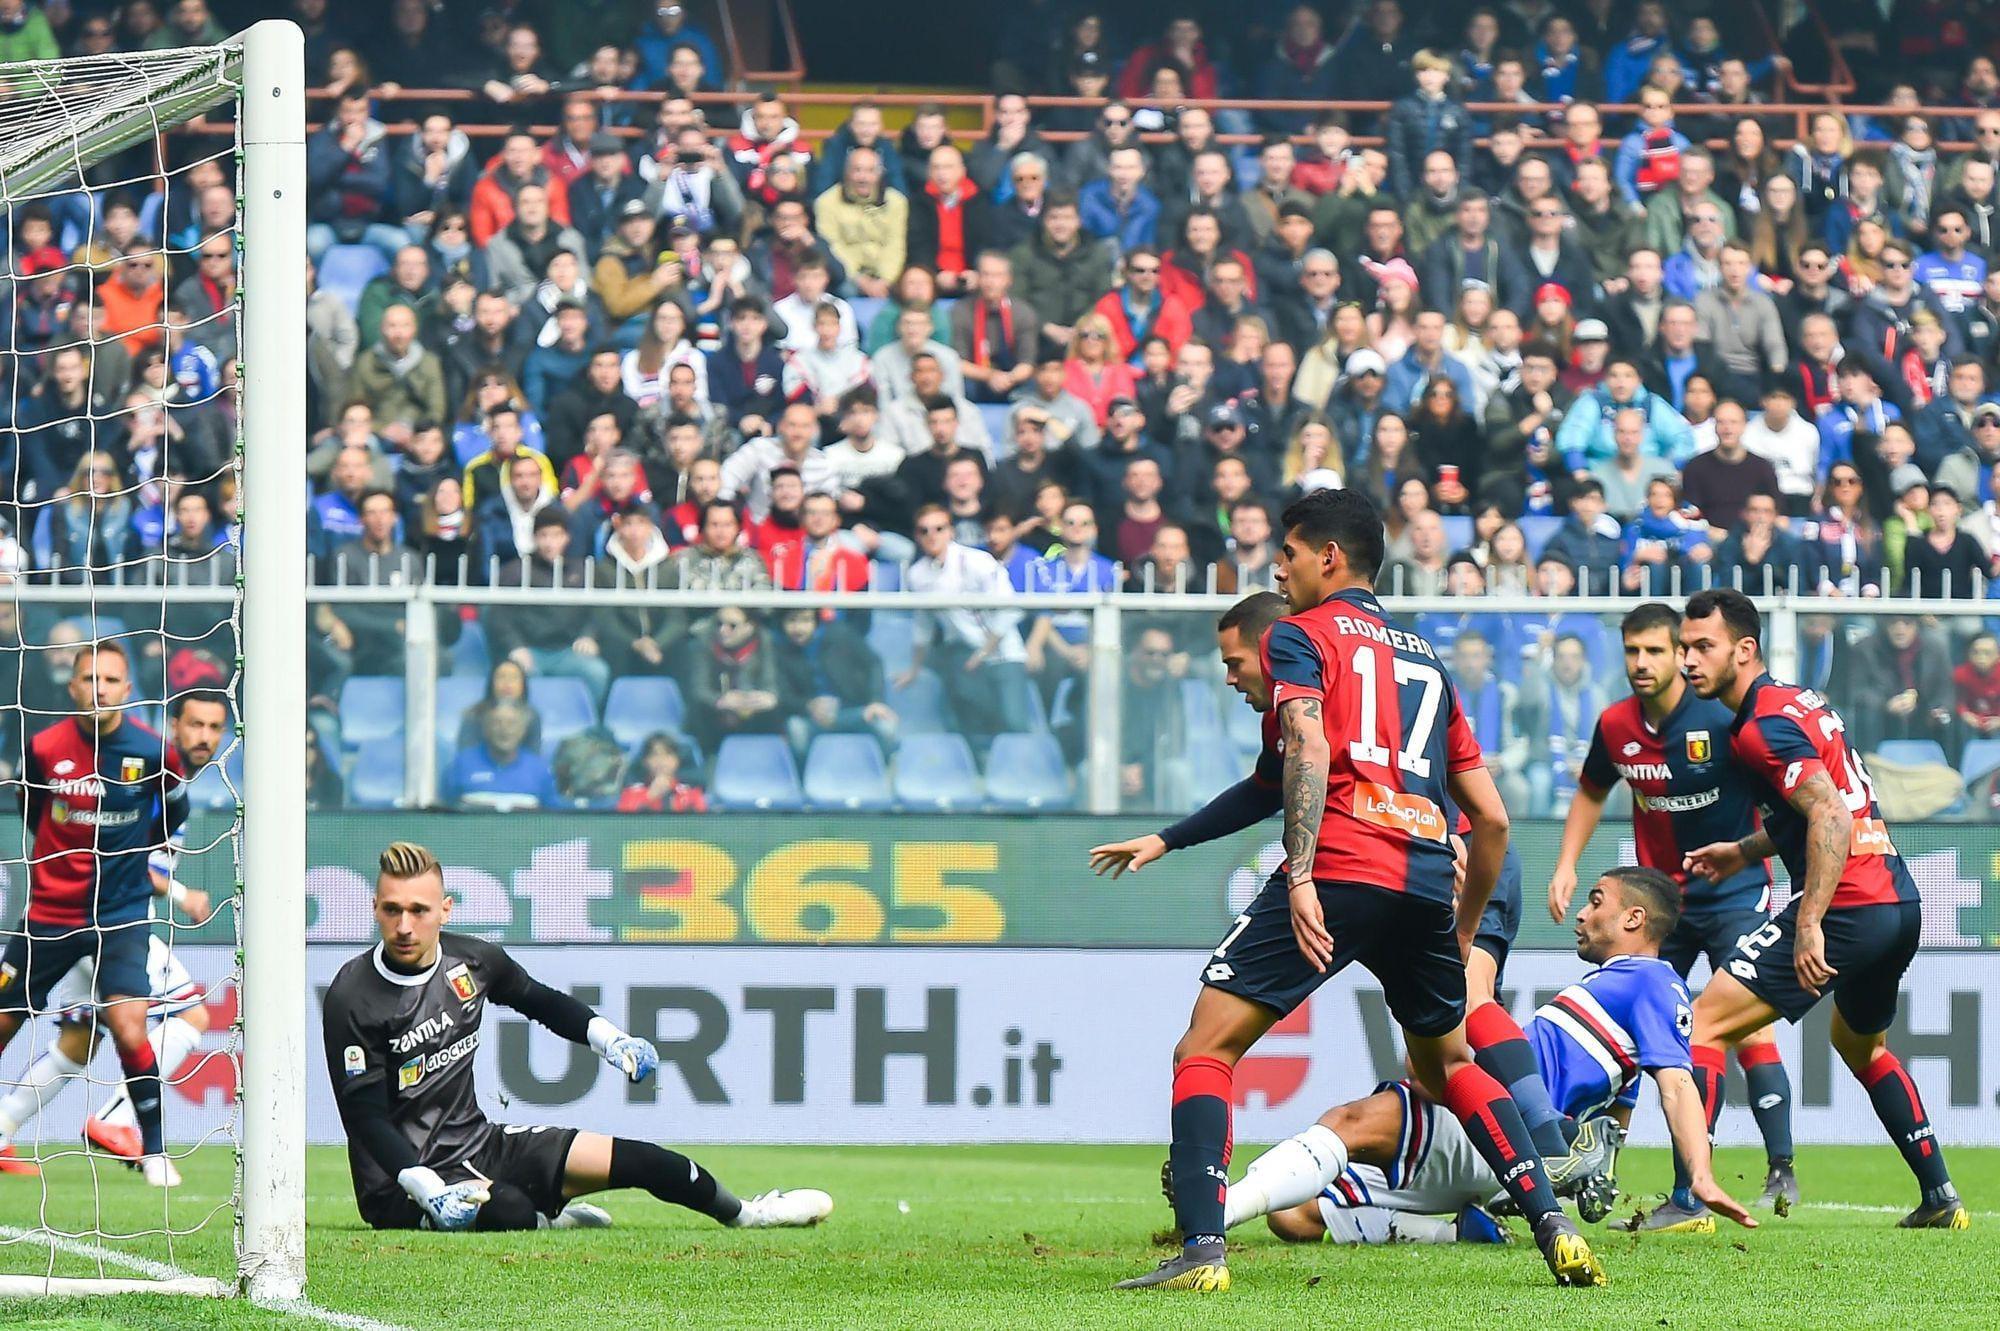 Uc Sampdoria vs Genoa Cfc